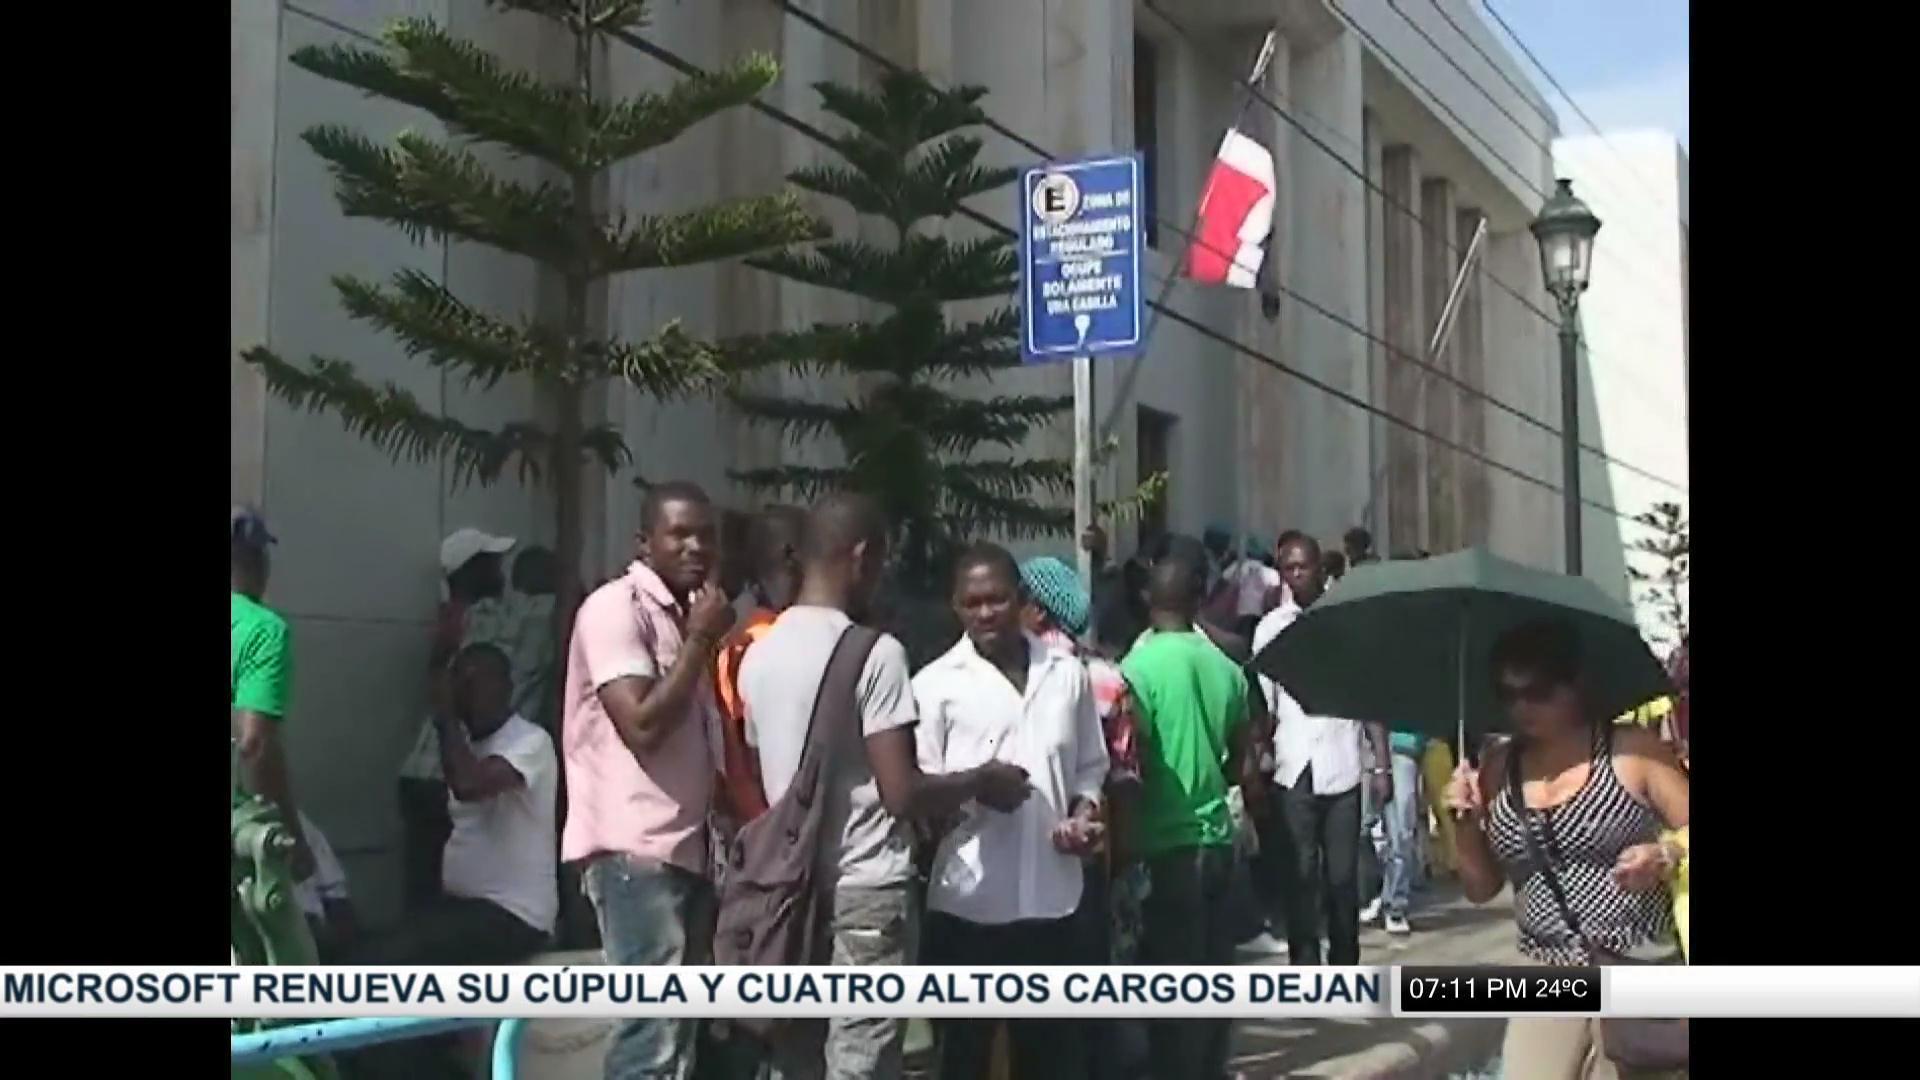 Siguen largas filas de haitianos en busca de su carnet en Santiago